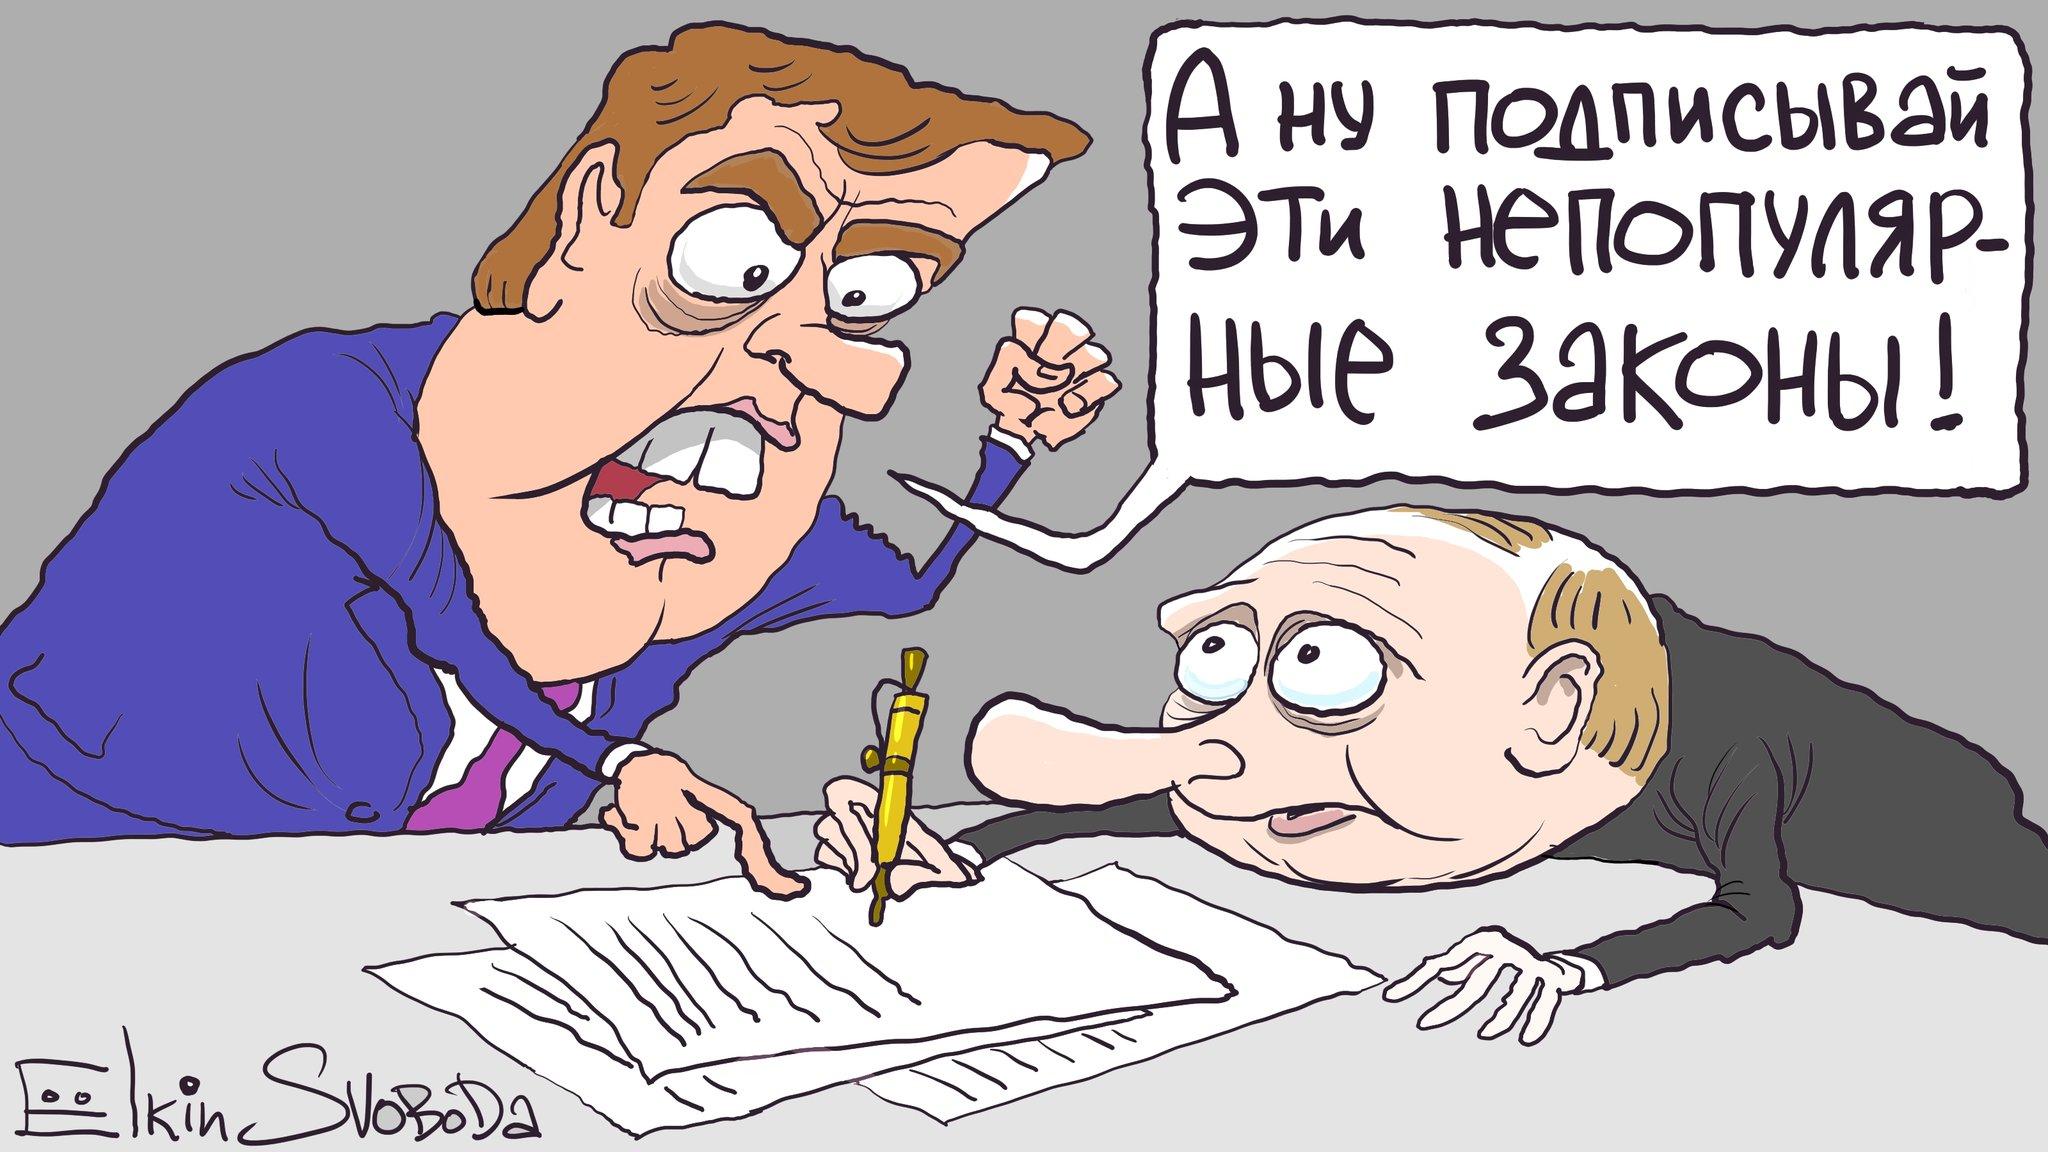 Путін про майбутні нові санкції США: Нелегітимні з погляду міжнародного права - Цензор.НЕТ 1458